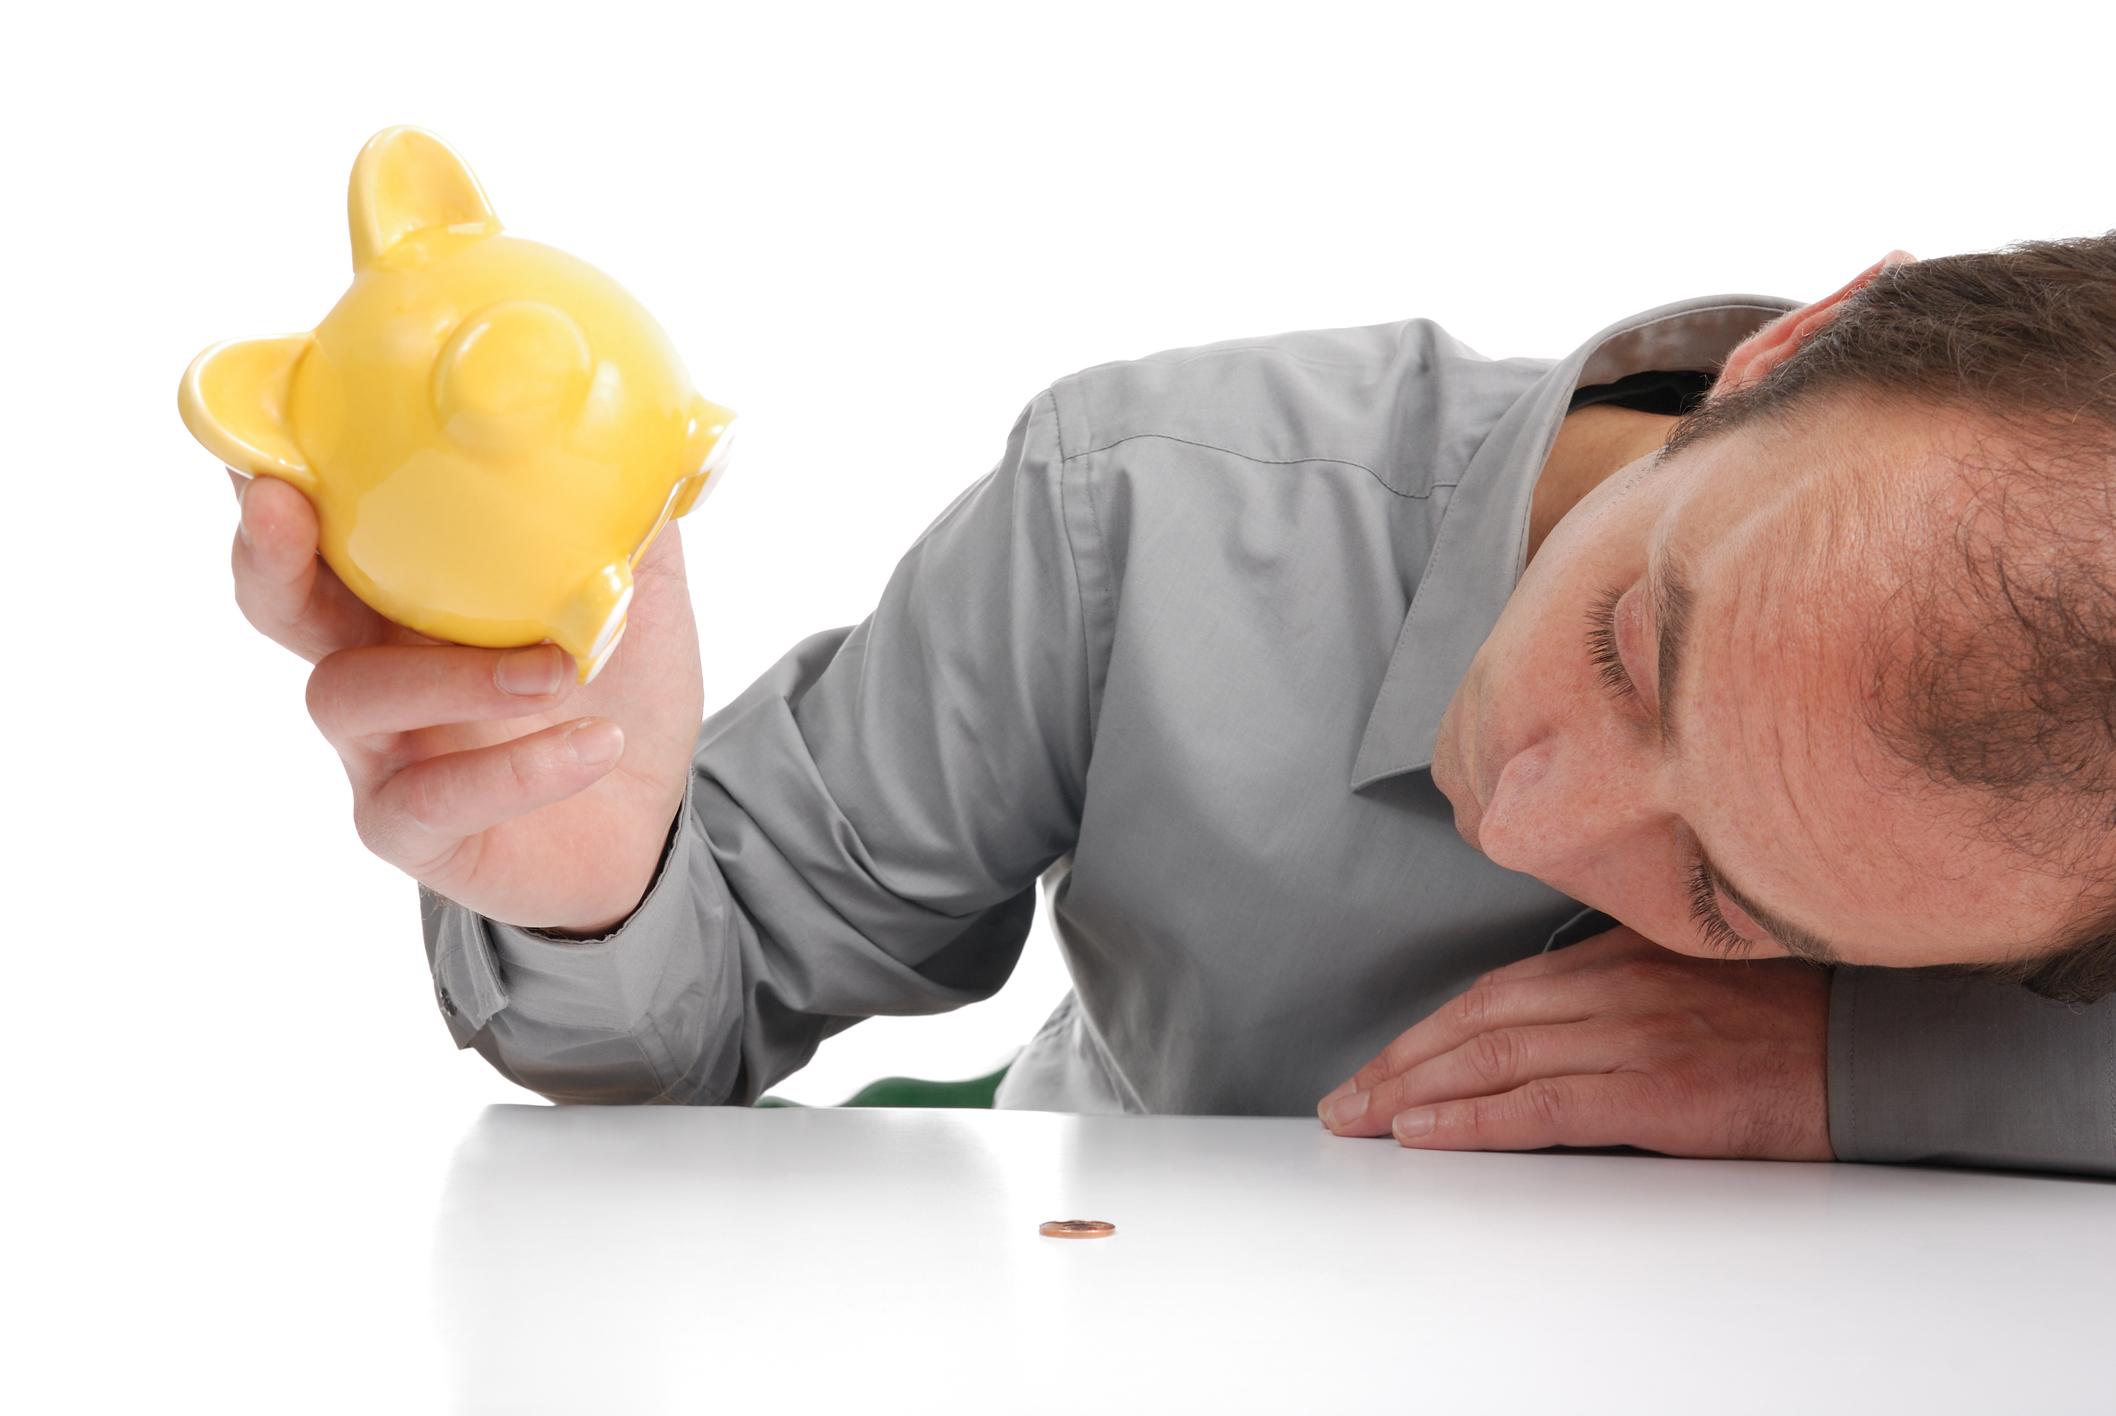 Mann kikker inn i en gul, tom sparegris